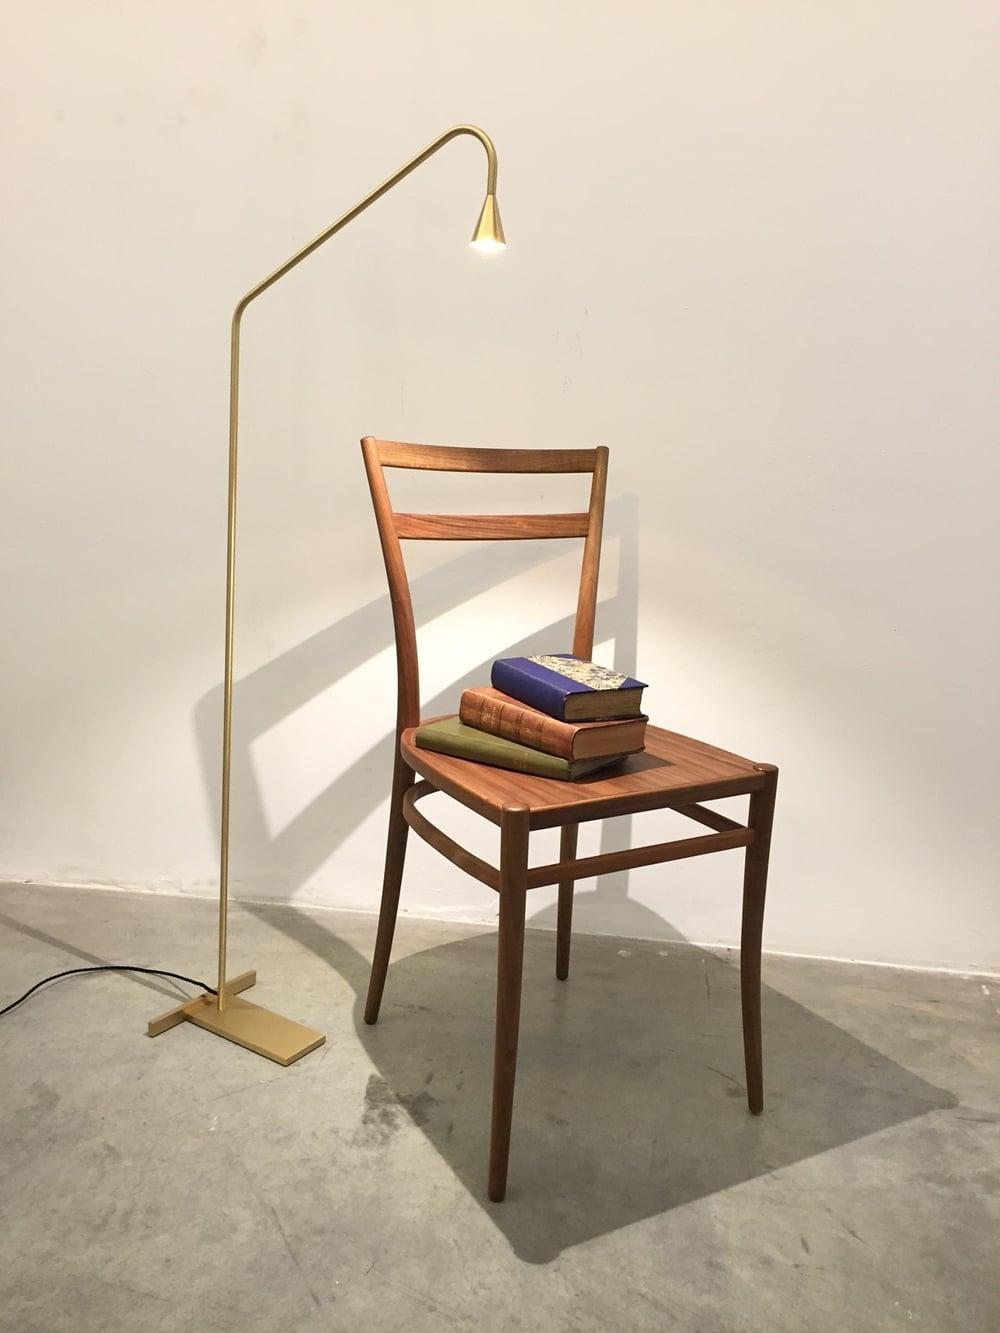 Filip verbraken stoel chair loncin cafe loncin leuven limburg brabant brussels bruxelles ambacht interieur meubel hasselt design meubelwinkel interieurwinkel.JPG